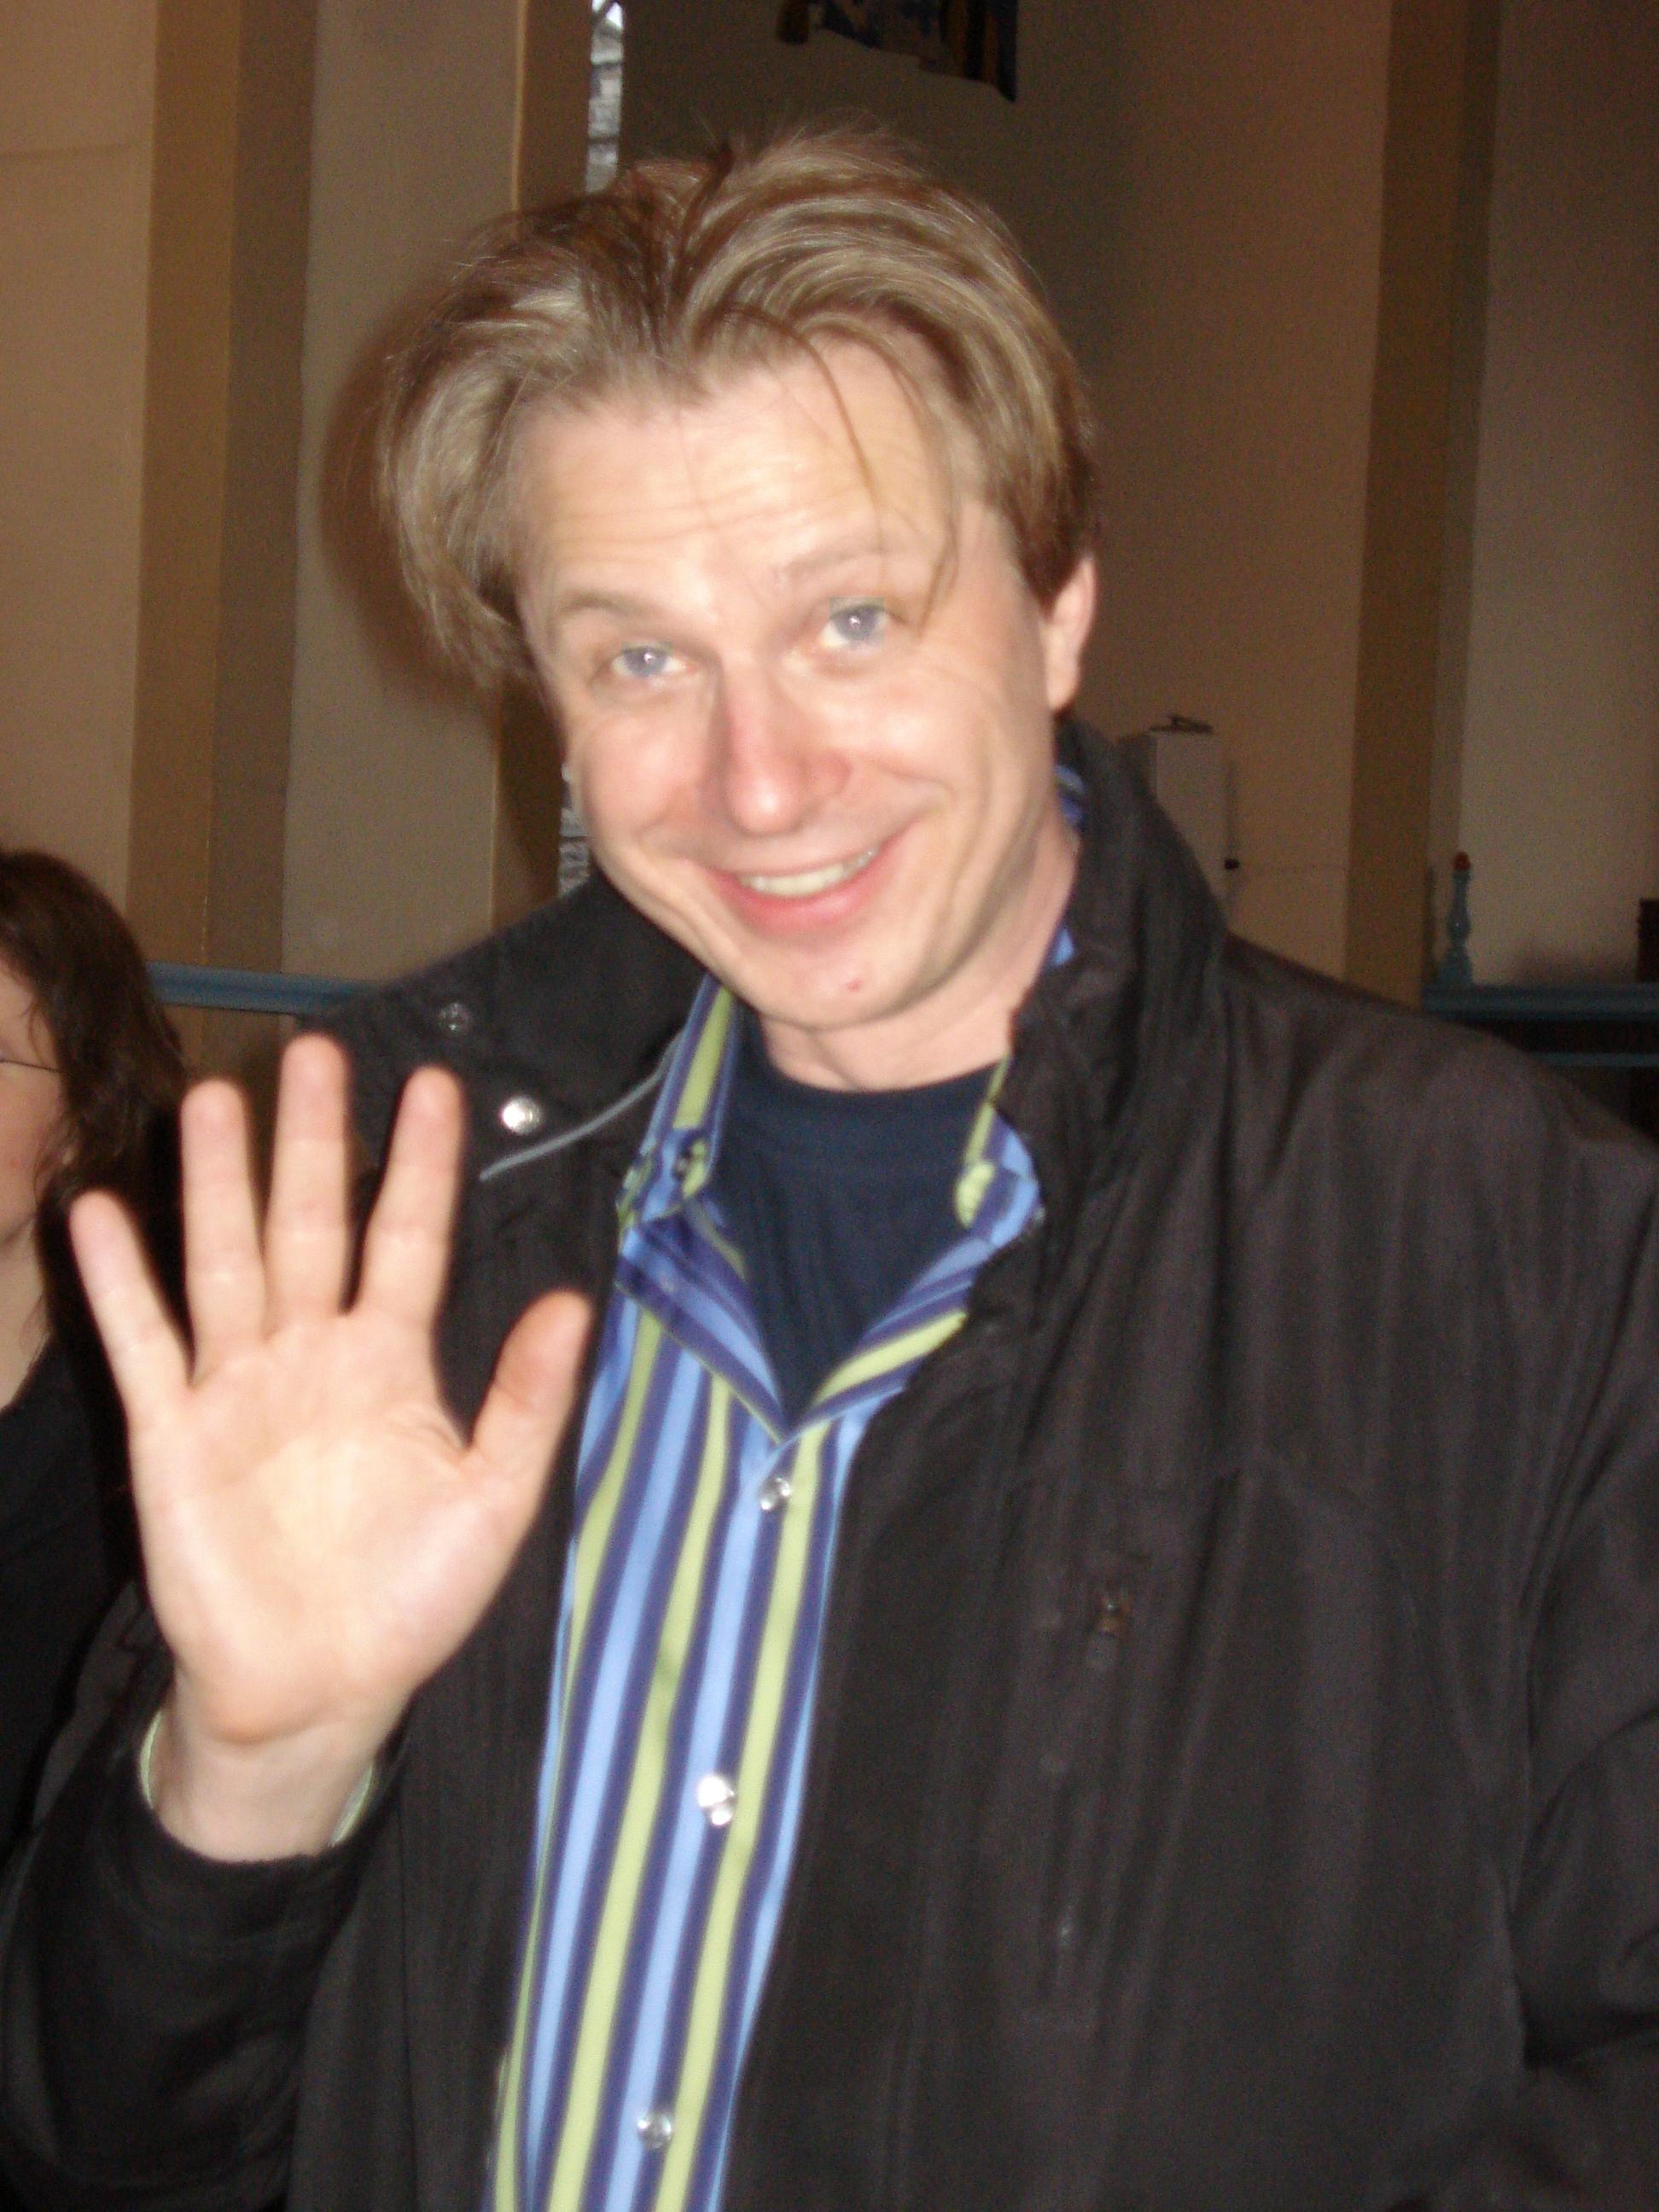 Ian Clarke Flautist Wikipedia